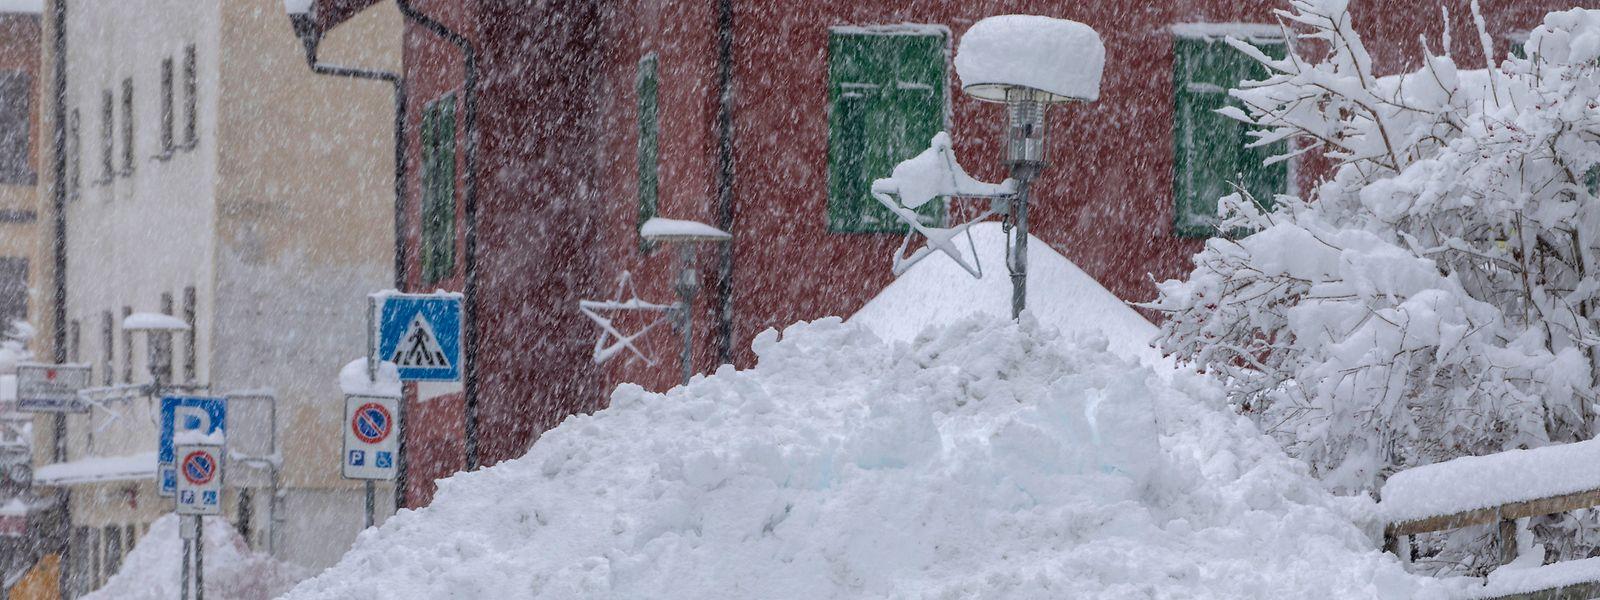 Schnee liegt hoch aufgetürmt am Straßenrand in der Gemeinde Brenner an der Grenze zwischen Italien und Österreich.